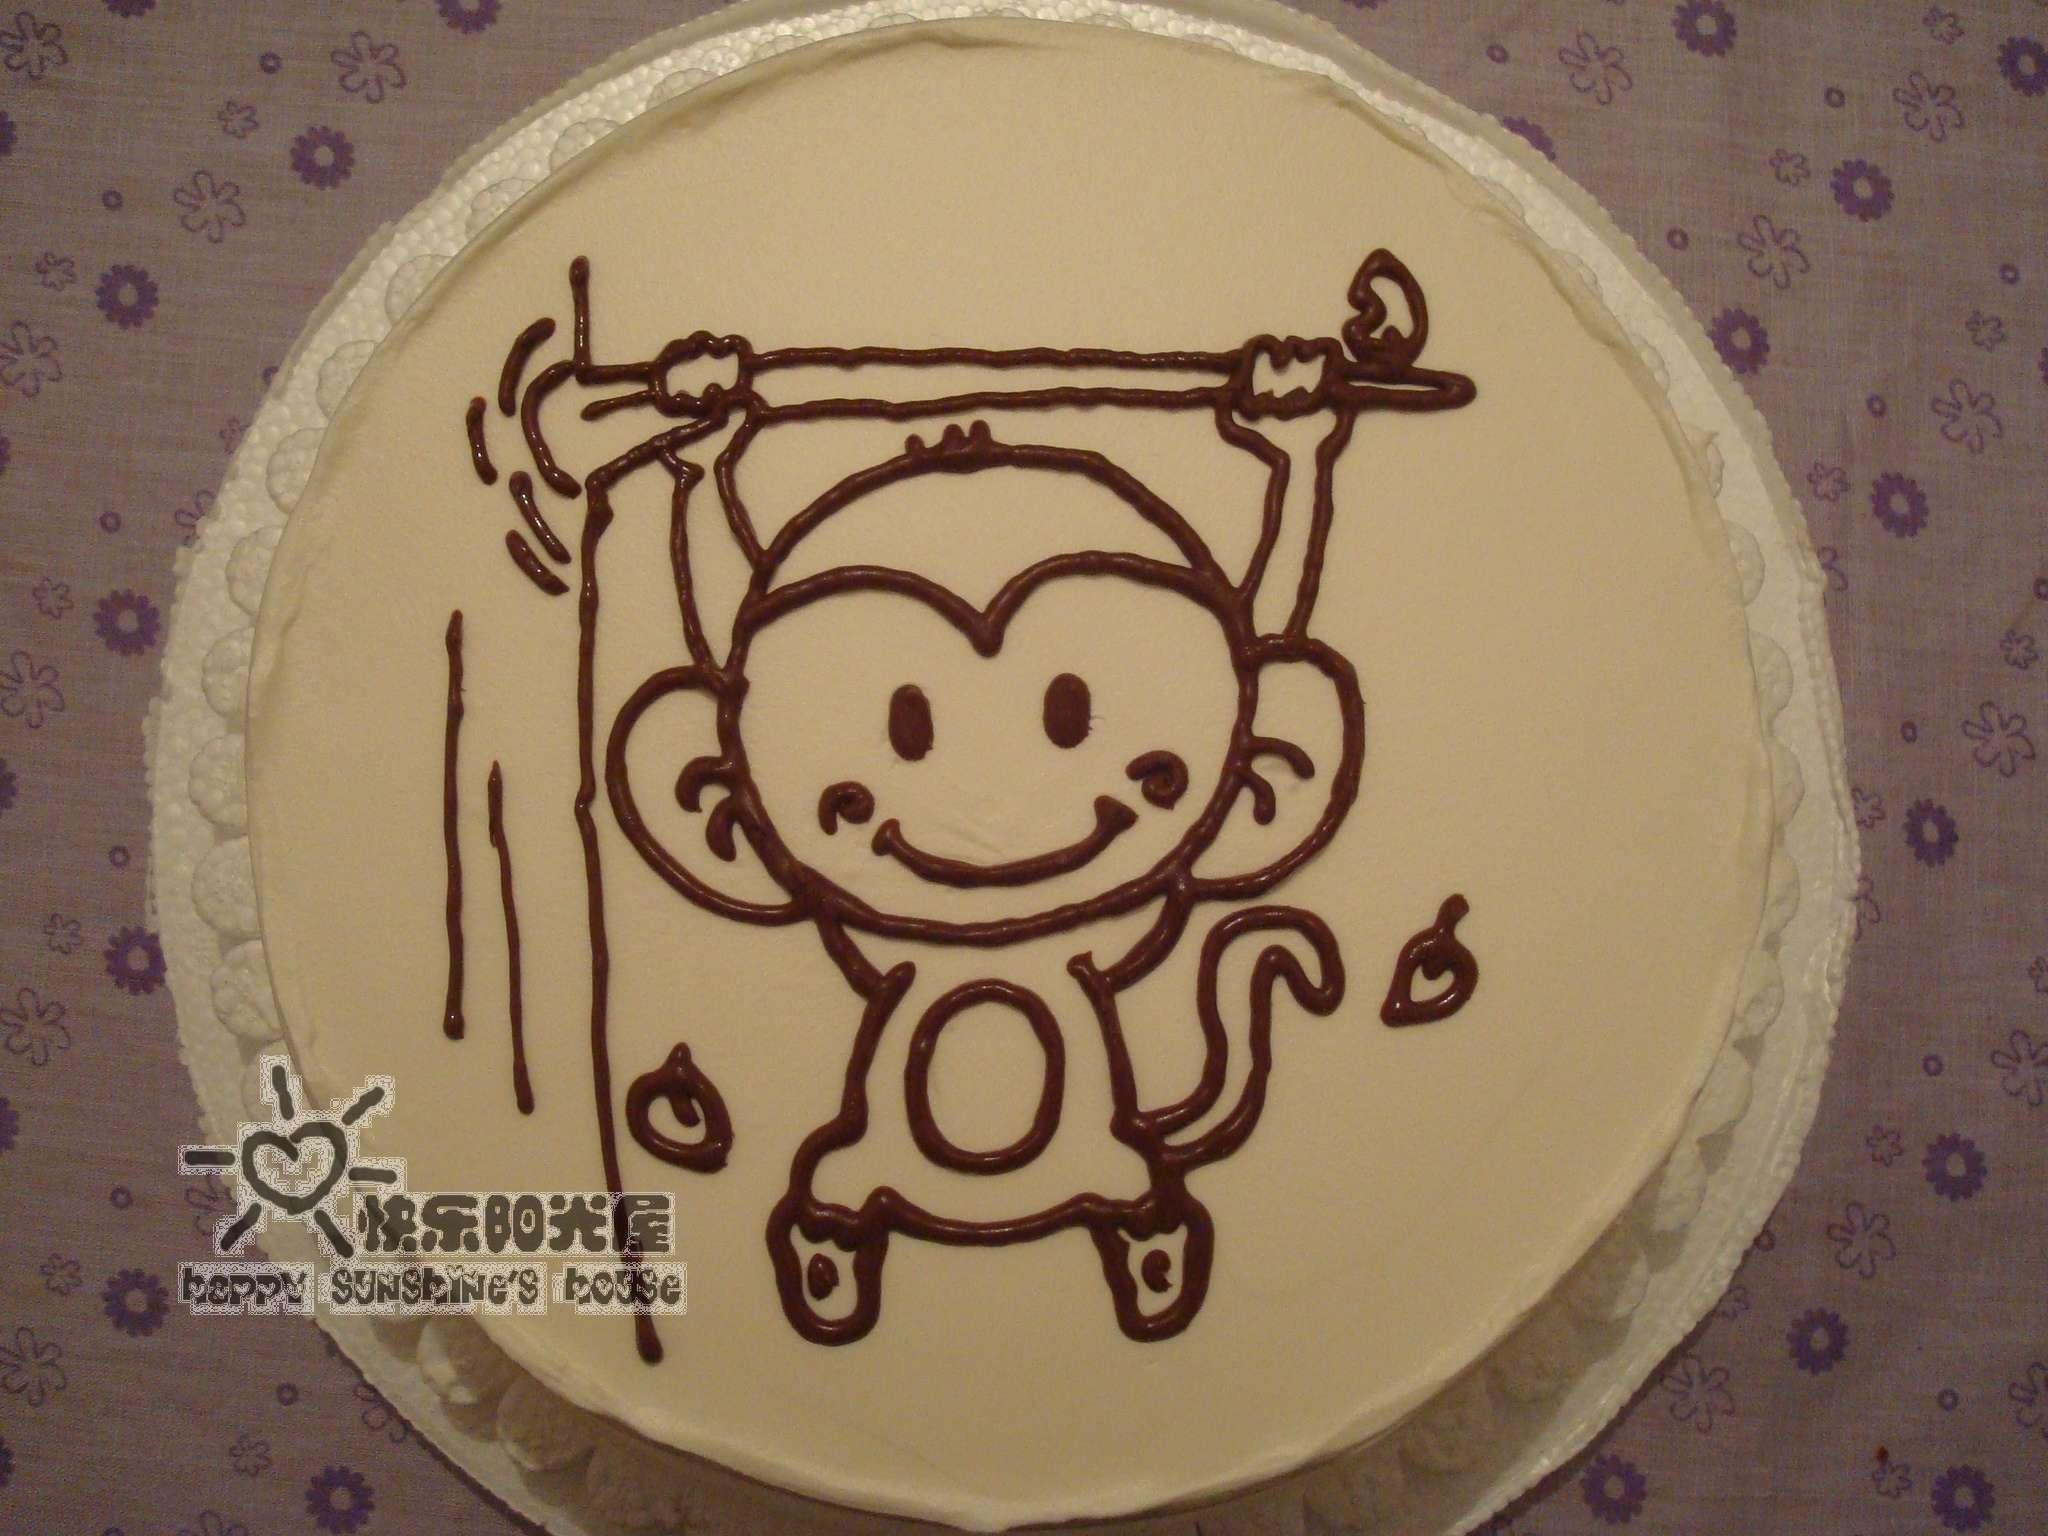 再发一个卡通蛋糕——可爱小猴蛋糕